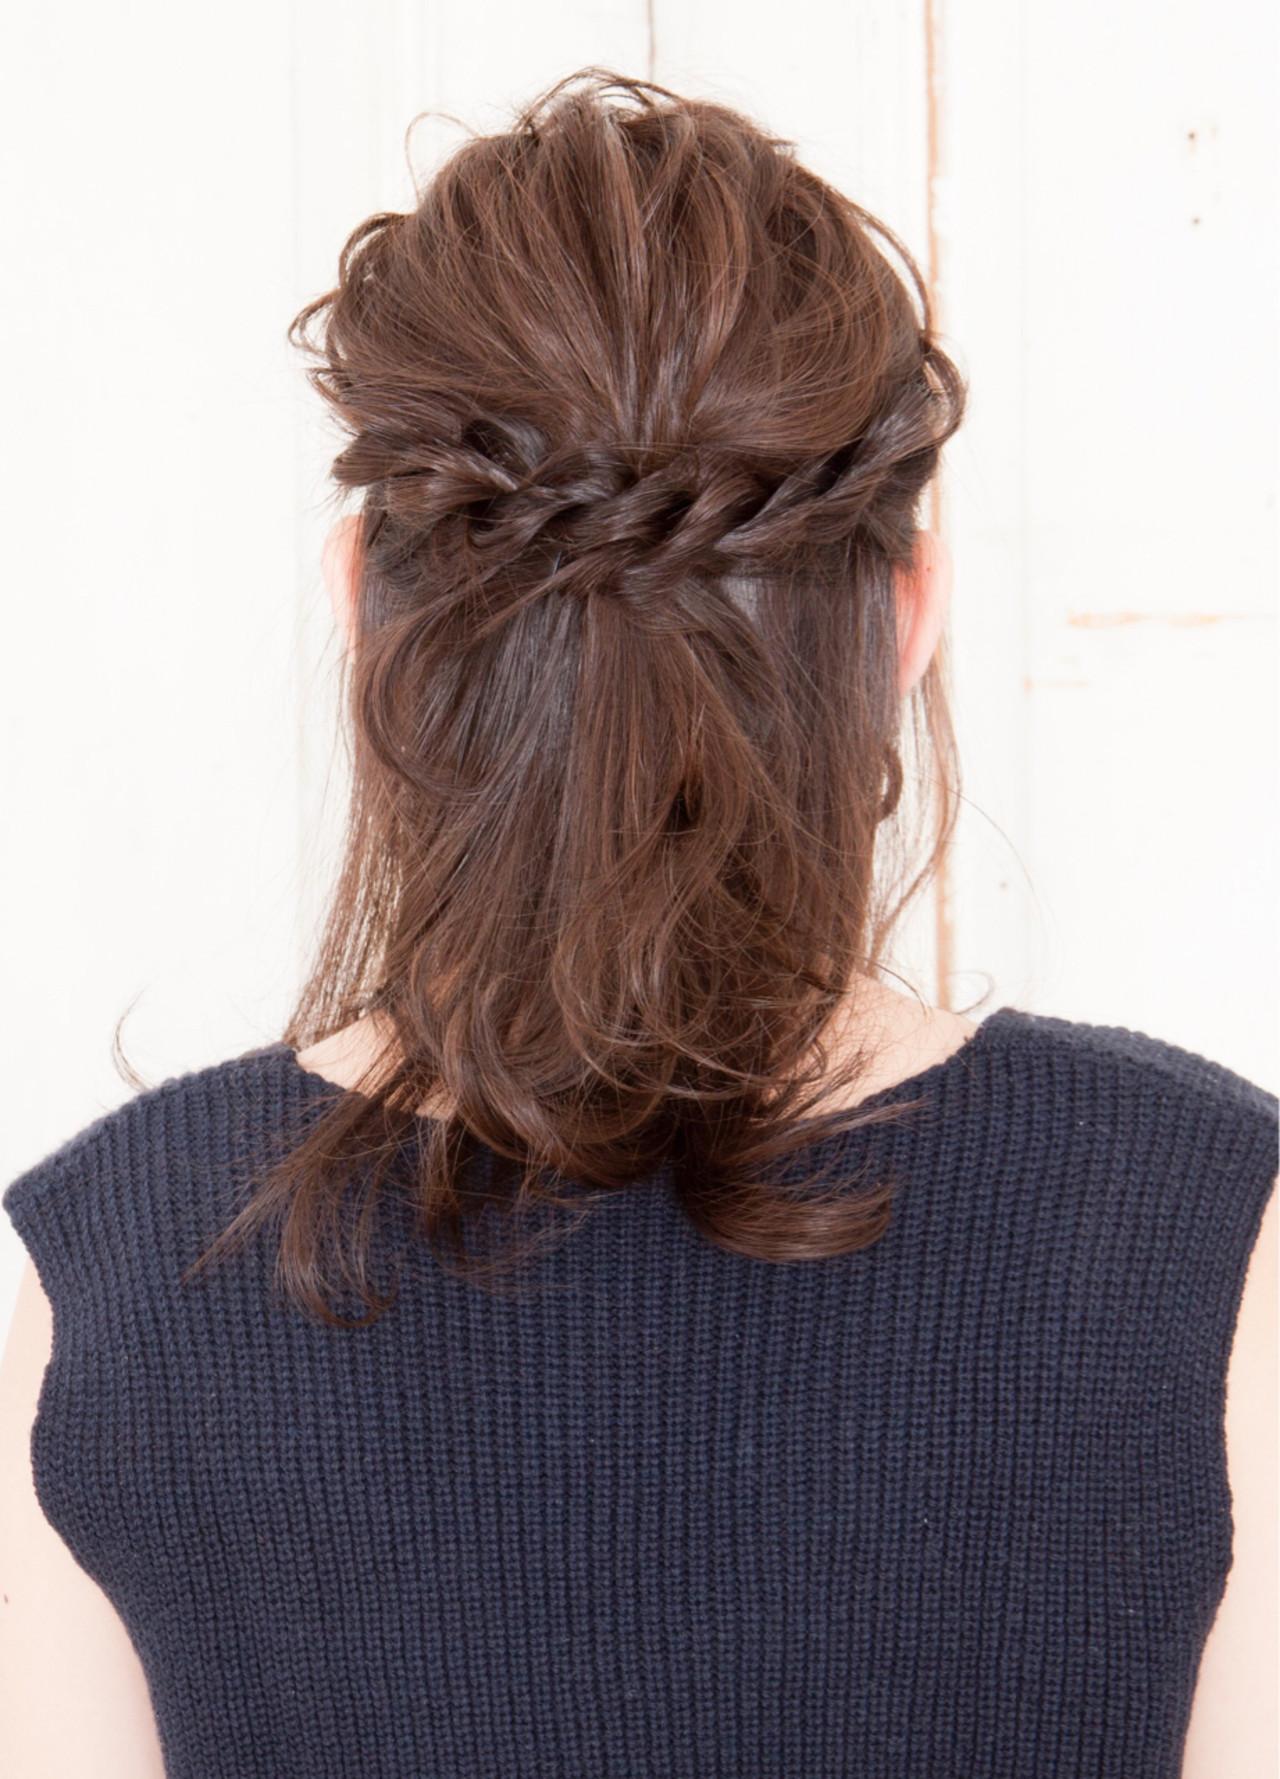 上品 エレガント イルミナカラー 編み込み ヘアスタイルや髪型の写真・画像